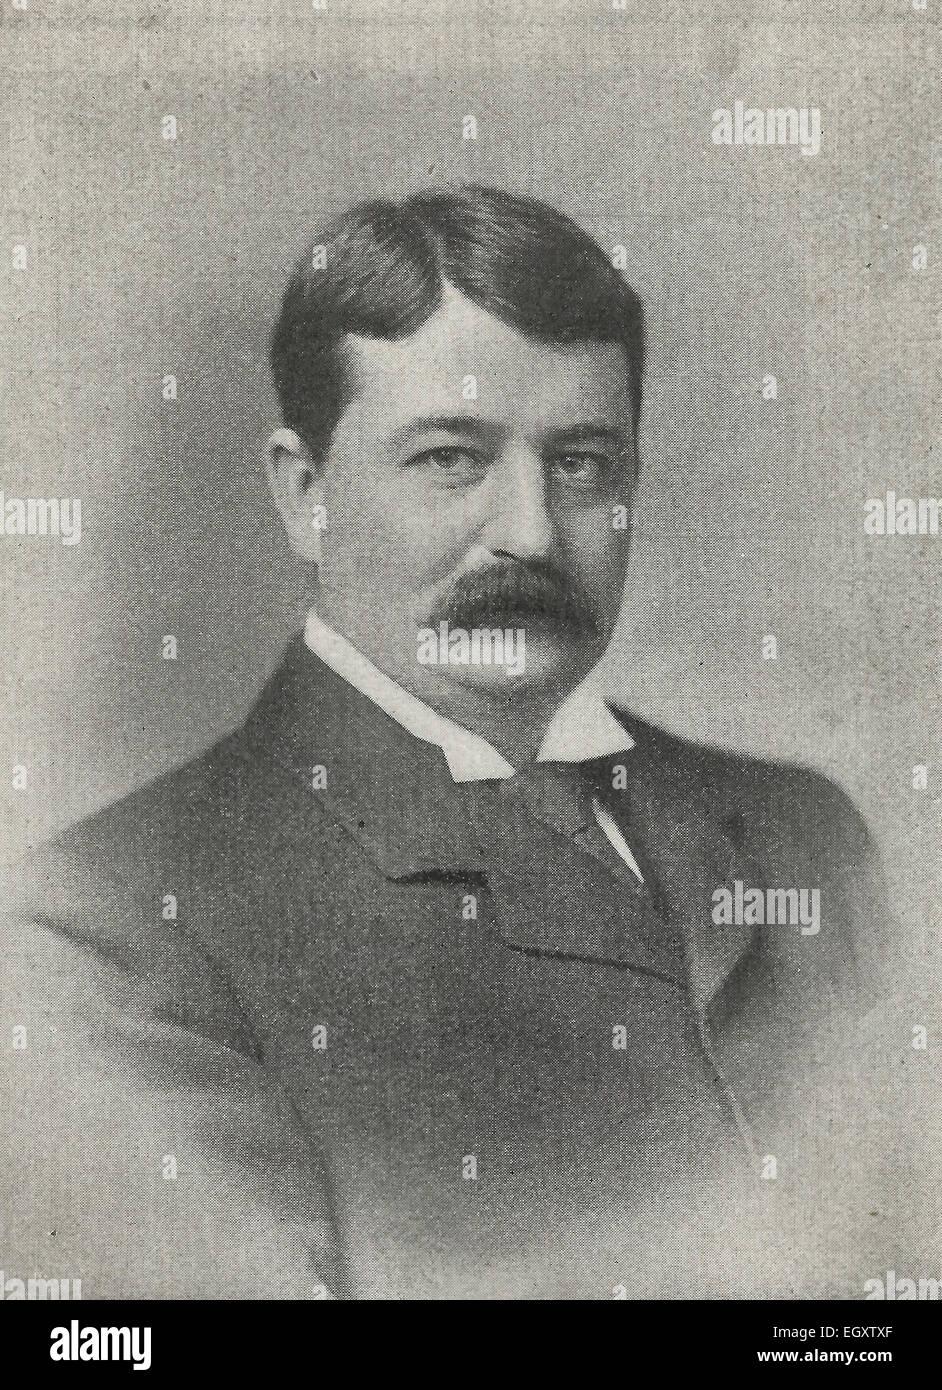 Honorables W. P. Schreiner, C.M.G., premier ministre de la Colonie du Cap, Afrique du Sud, vers 1895 Photo Stock